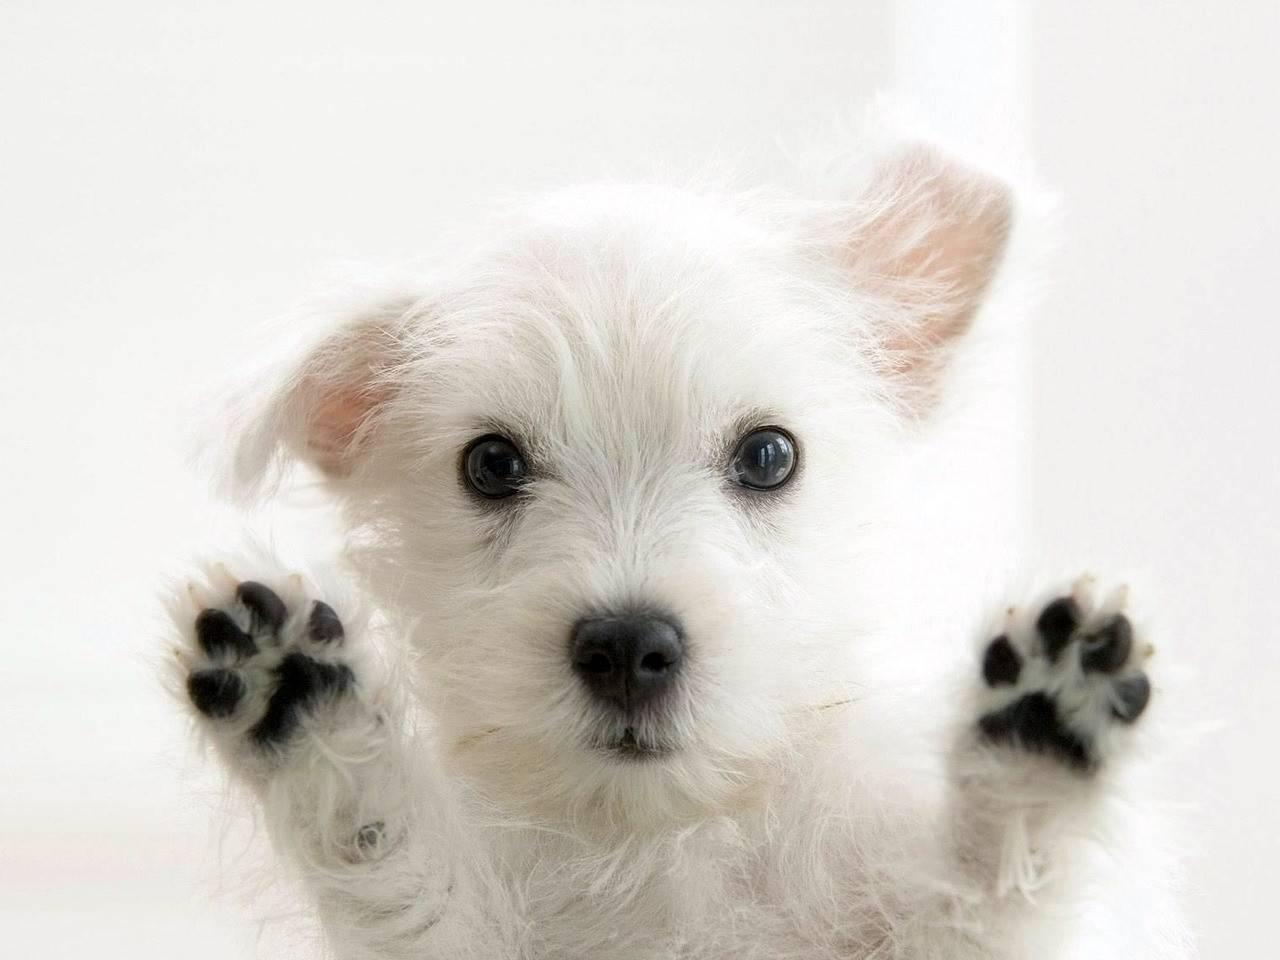 В Приморье вынесли обвинительный приговор живодёру, замучившего щенка